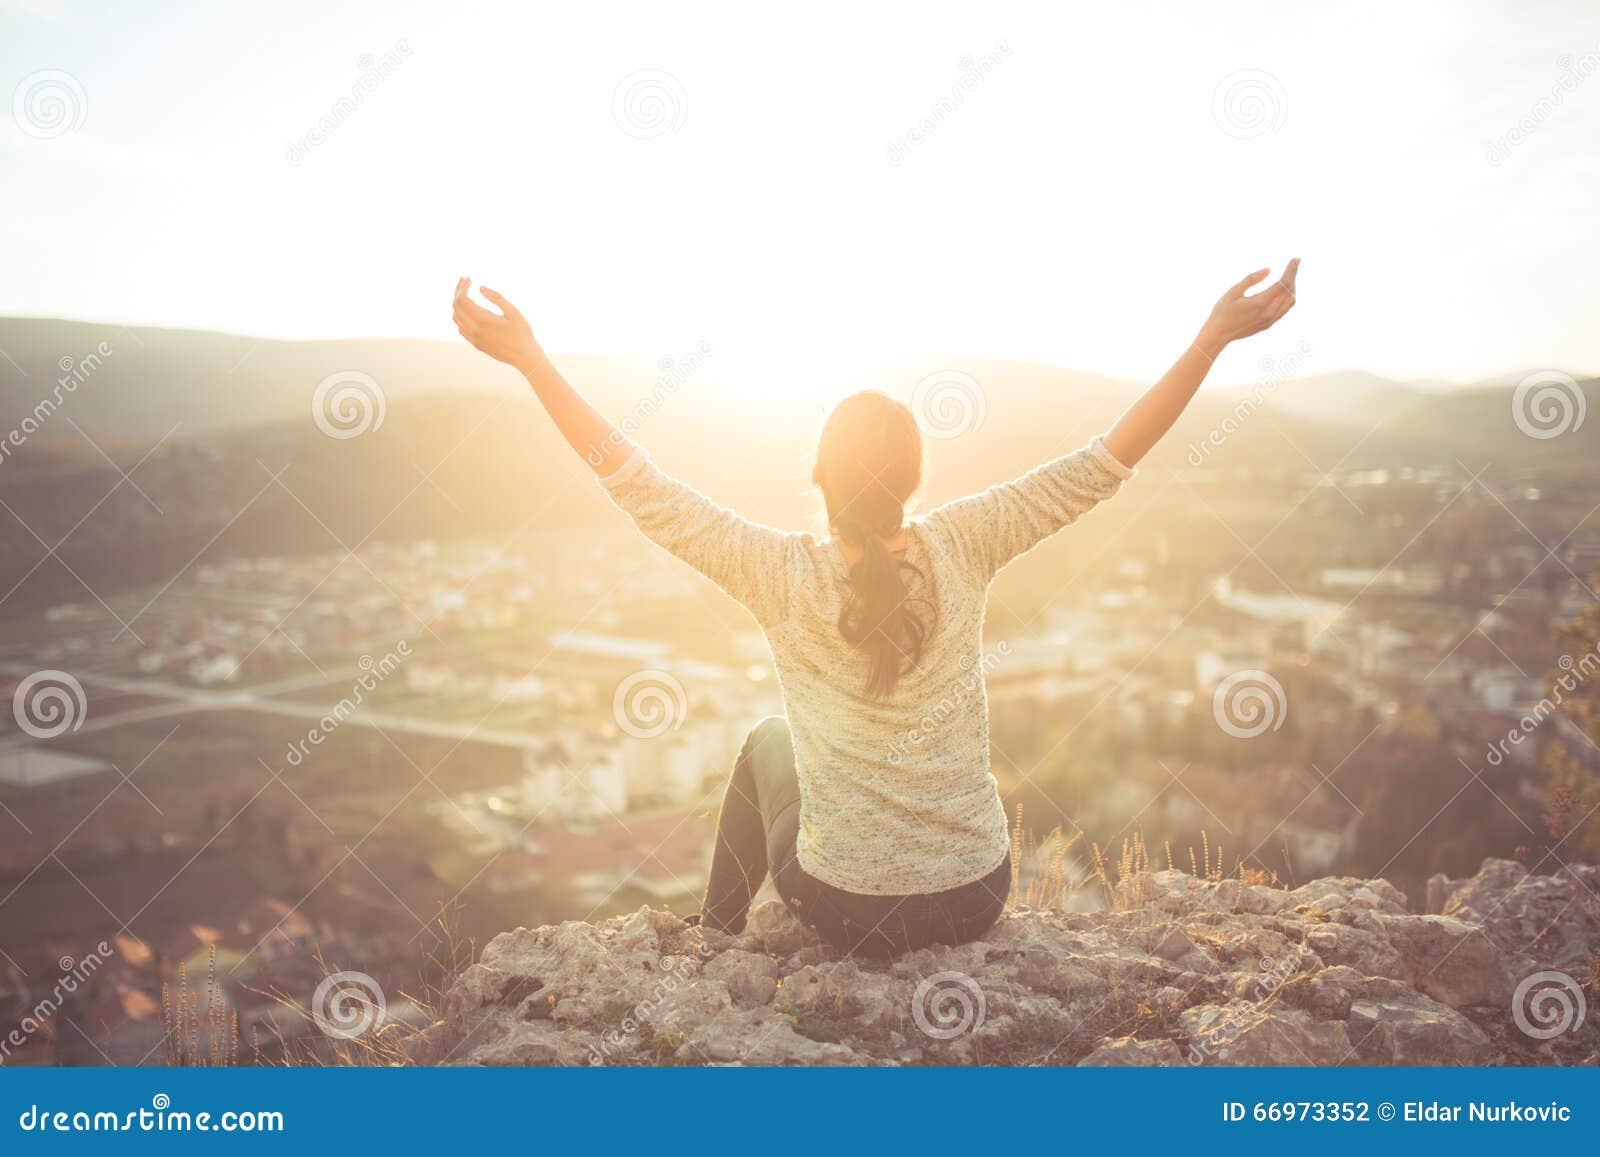 Η ξένοιαστη ευτυχής συνεδρίαση γυναικών πάνω από τον απότομο βράχο ακρών βουνών που απολαμβάνει τον ήλιο στην αύξηση προσώπου της